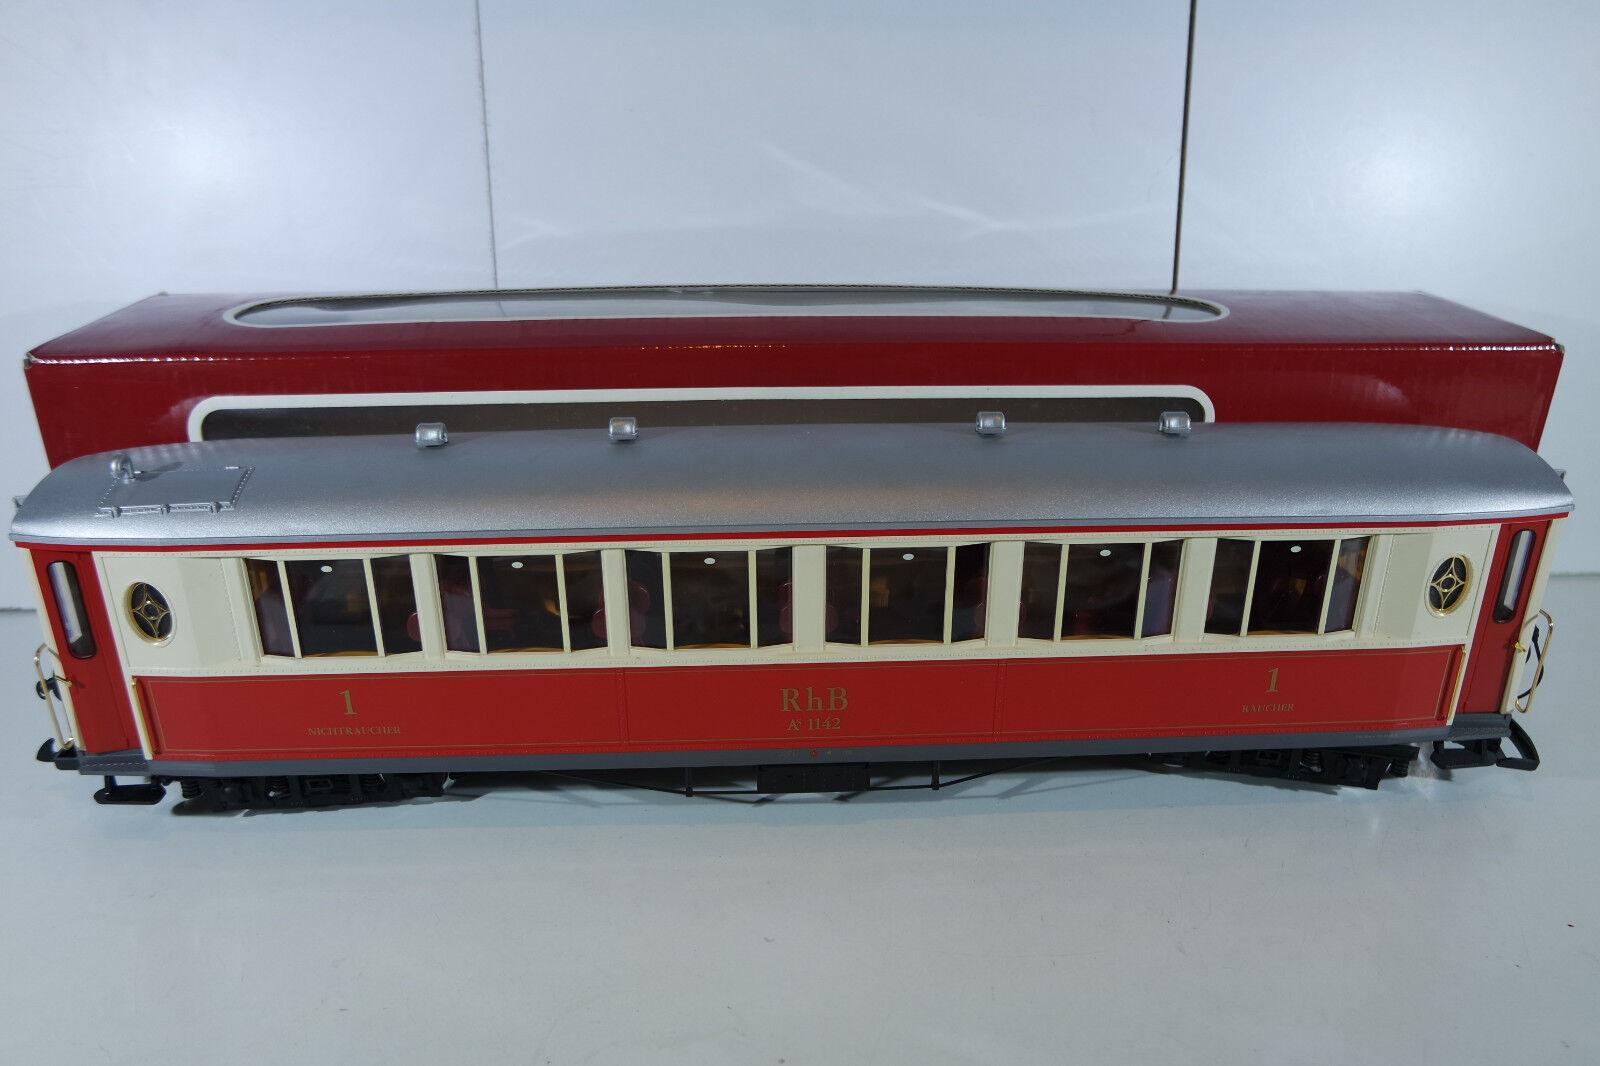 LGB 30650 pullmannwagen RHB, con illuminazione interna, molto bene in scatola originale